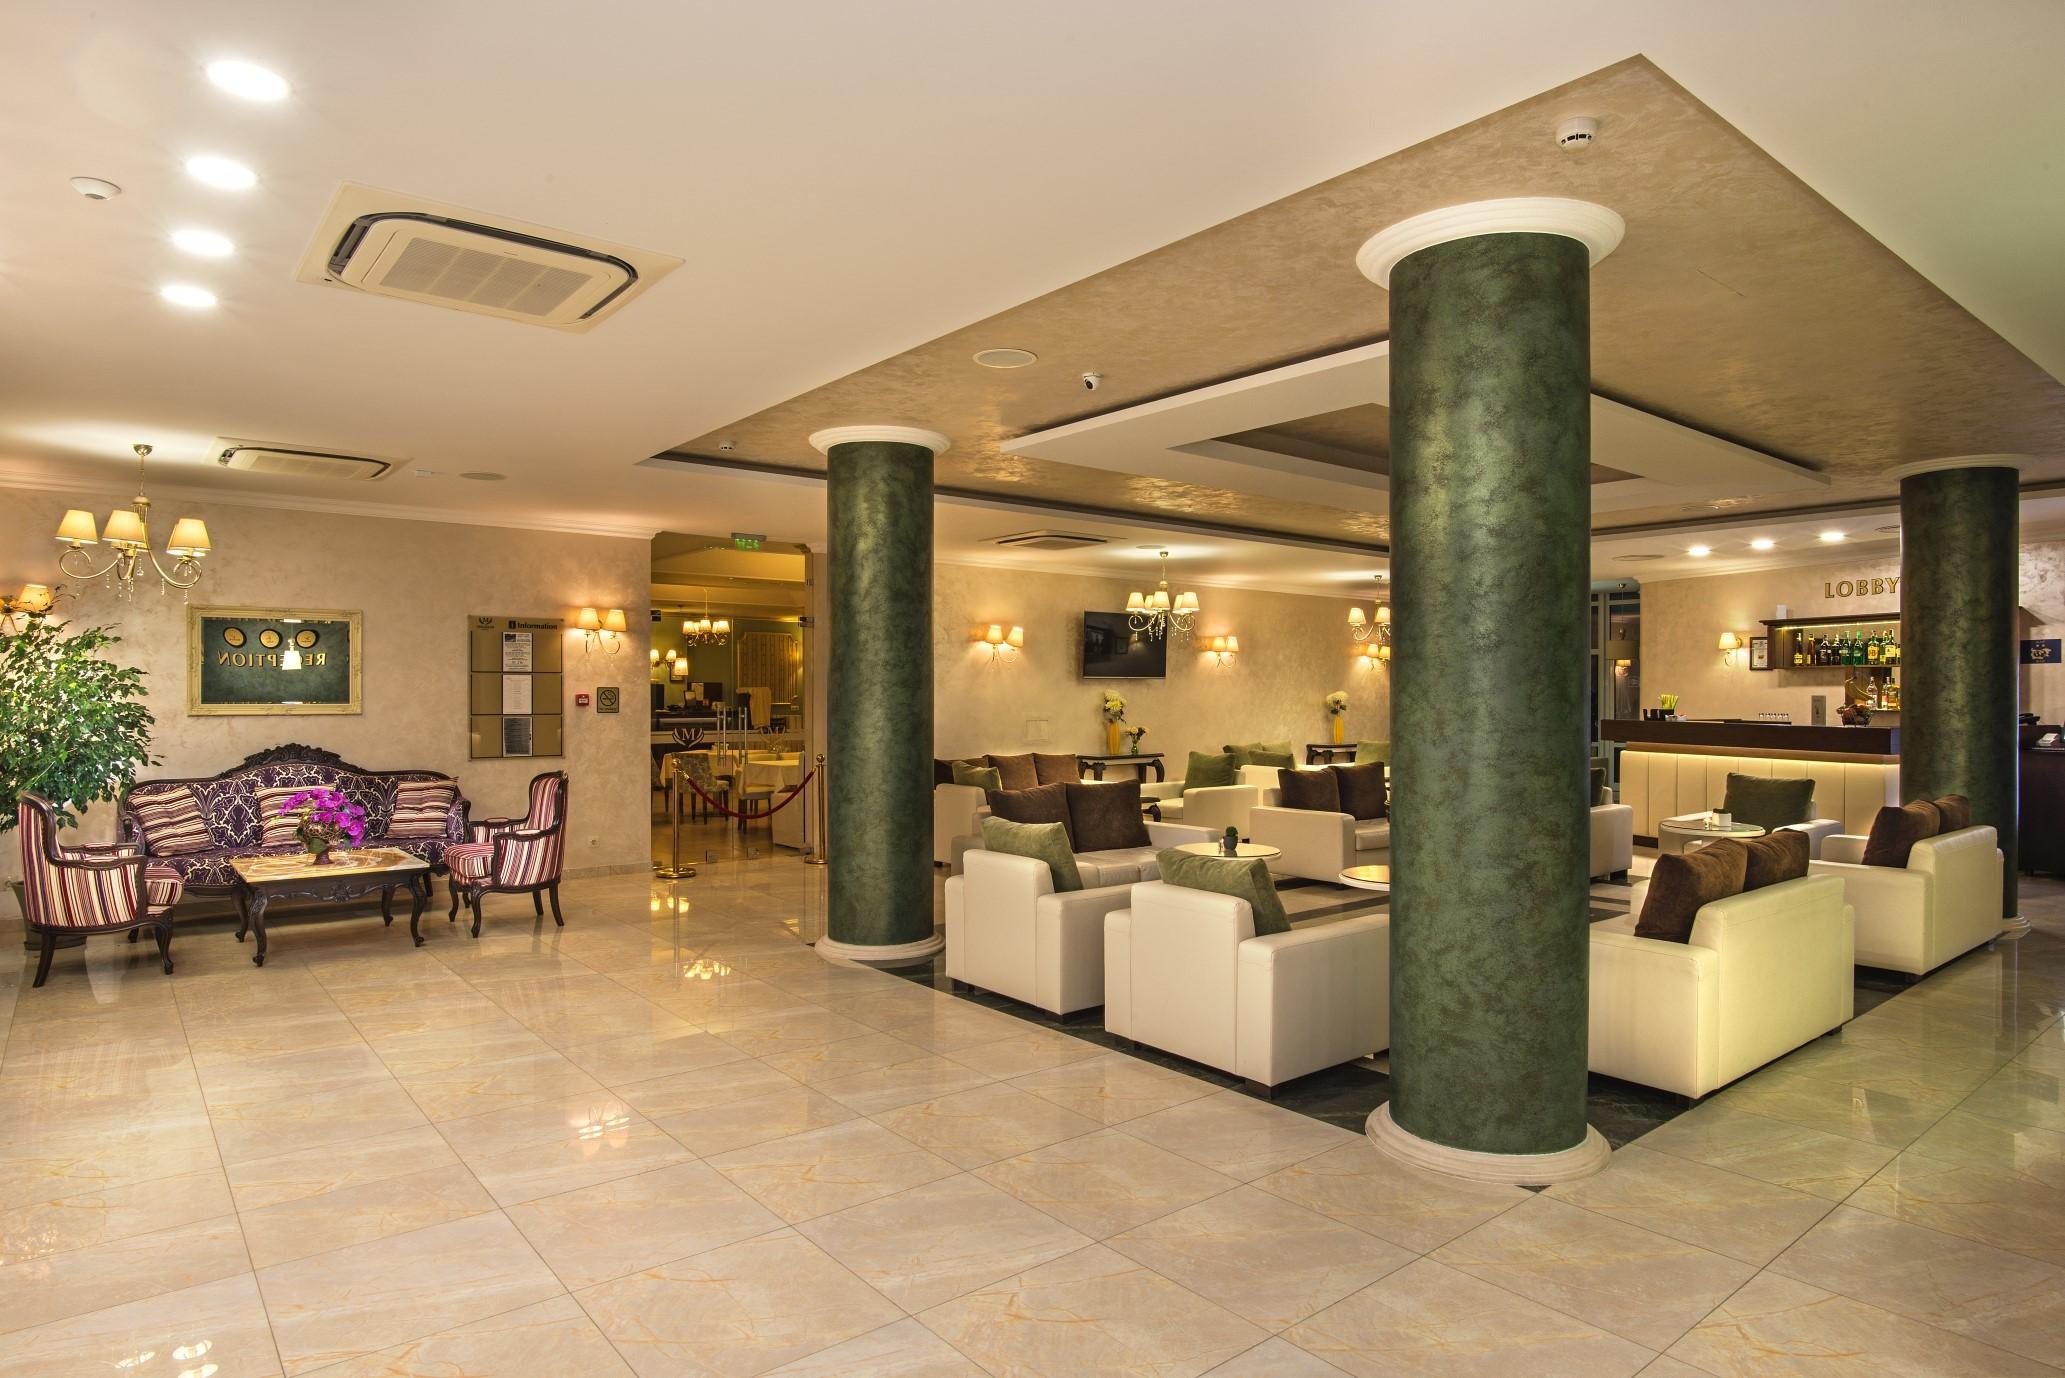 Хотел Мирамар - лоби